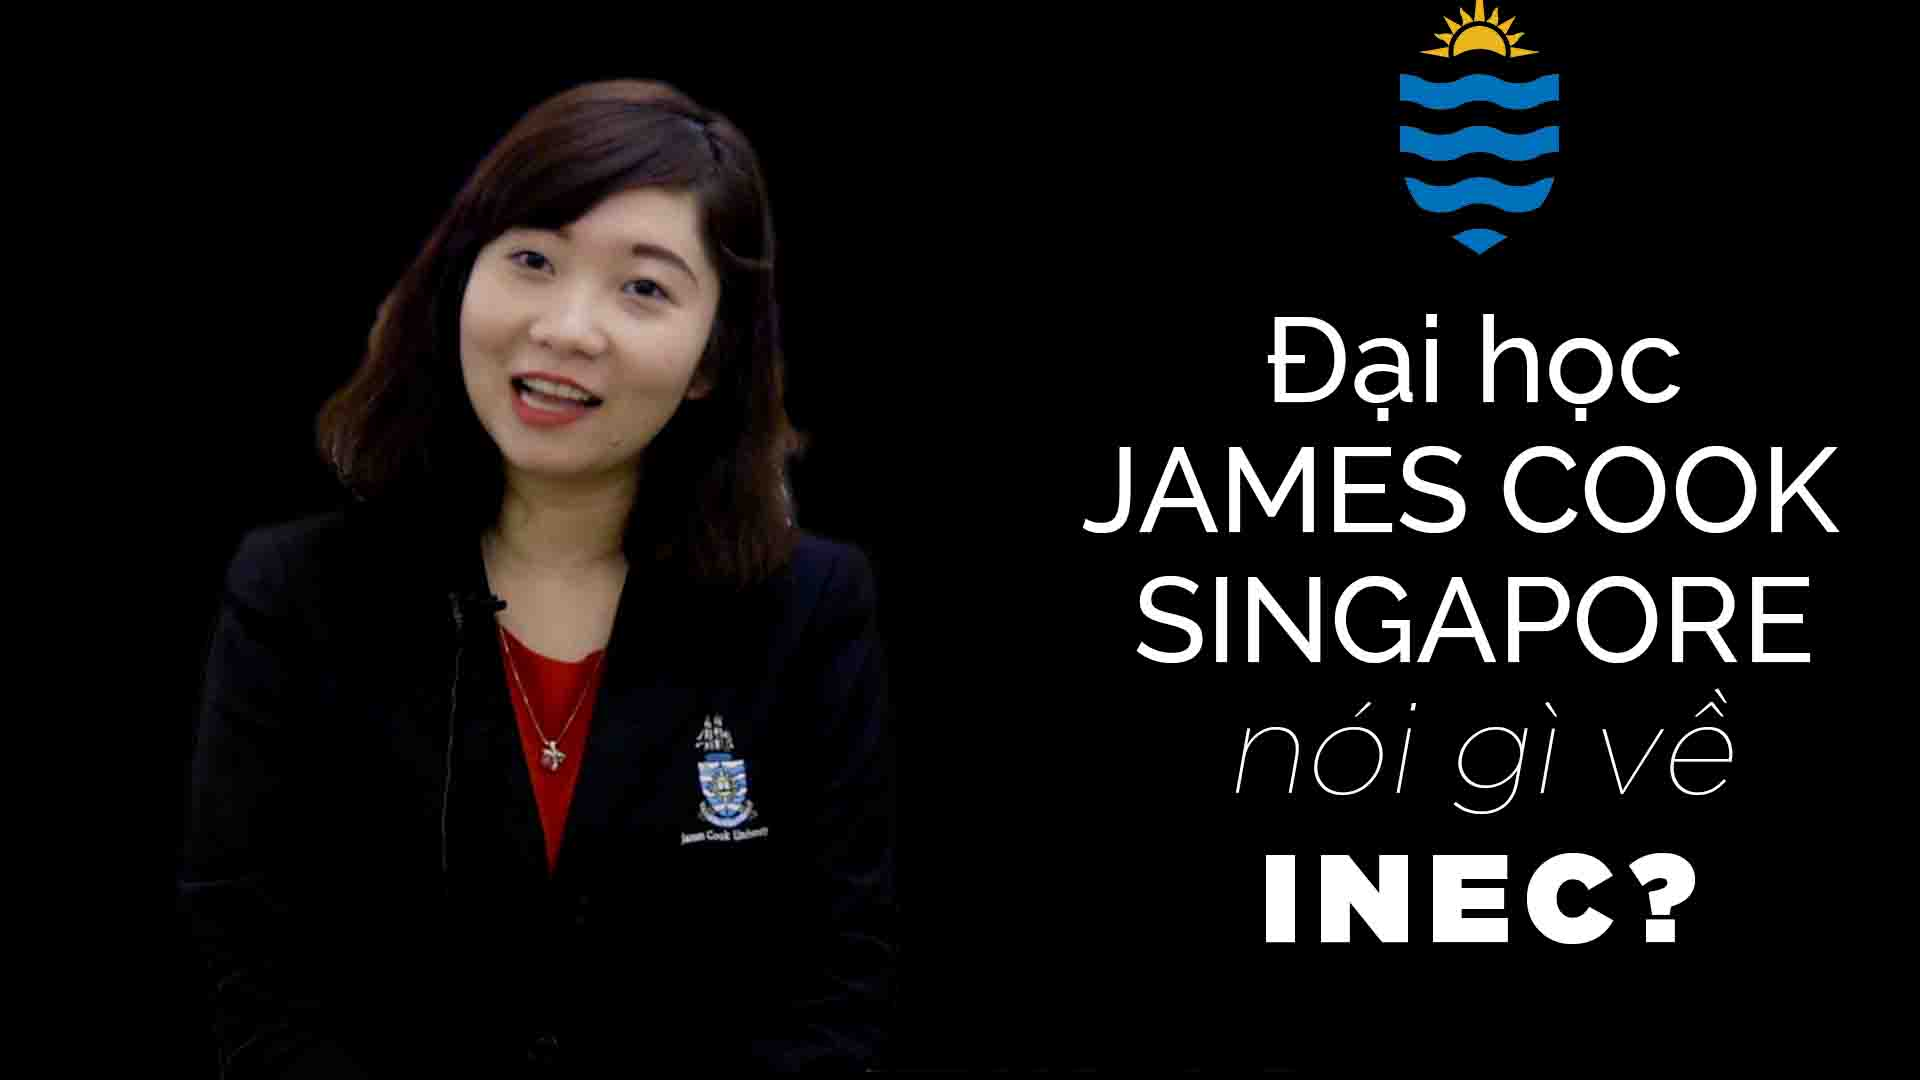 """Chị Lê Thùy Dương (Selena Le) là đại diện tuyển sinh Việt Nam của Đại học James Cook (JCU) phân viện Singapore. Thuộc top 2% đại học hàng đầu thế giới, JCU có thế mạnh về nghiên cứu các vấn đề kinh tế và tâm lý trong khu vực nhiệt đới. Tiêu chí của JCU là giúp sinh viên tốt nghiệp tạo được dấu ấn khác biệt cho môi trường và cộng đồng. Chị Thùy Dương đánh giá cao INEC trong vai trò là đại diện tuyển sinh hàng đầu của JCU Singapore tại Việt Nam với bằng chứng rõ ràng nhất là giải thưởng """"Agent of the Year"""" mà INEC được JCU trao tặng năm 2017 vừa qua."""